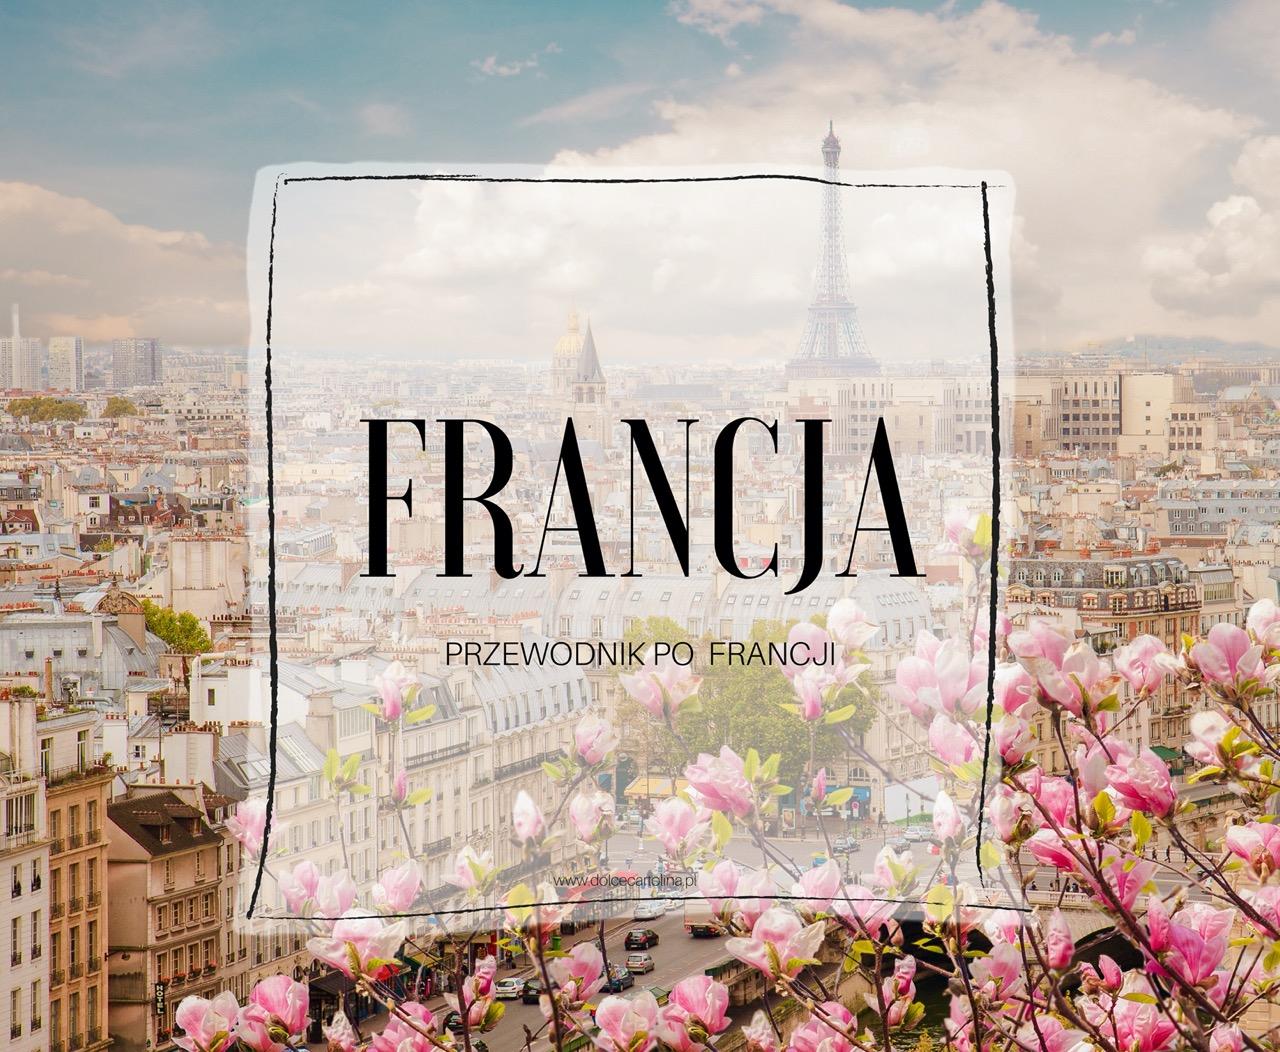 francja przewodnik co zobaczyc we francji atrakcje we francji